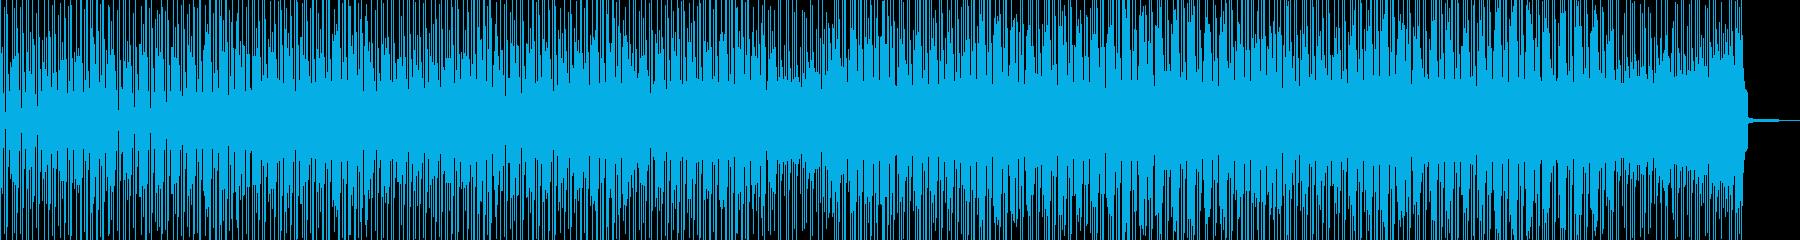 徐々に賑わう動画に・2部構成ポップス Aの再生済みの波形